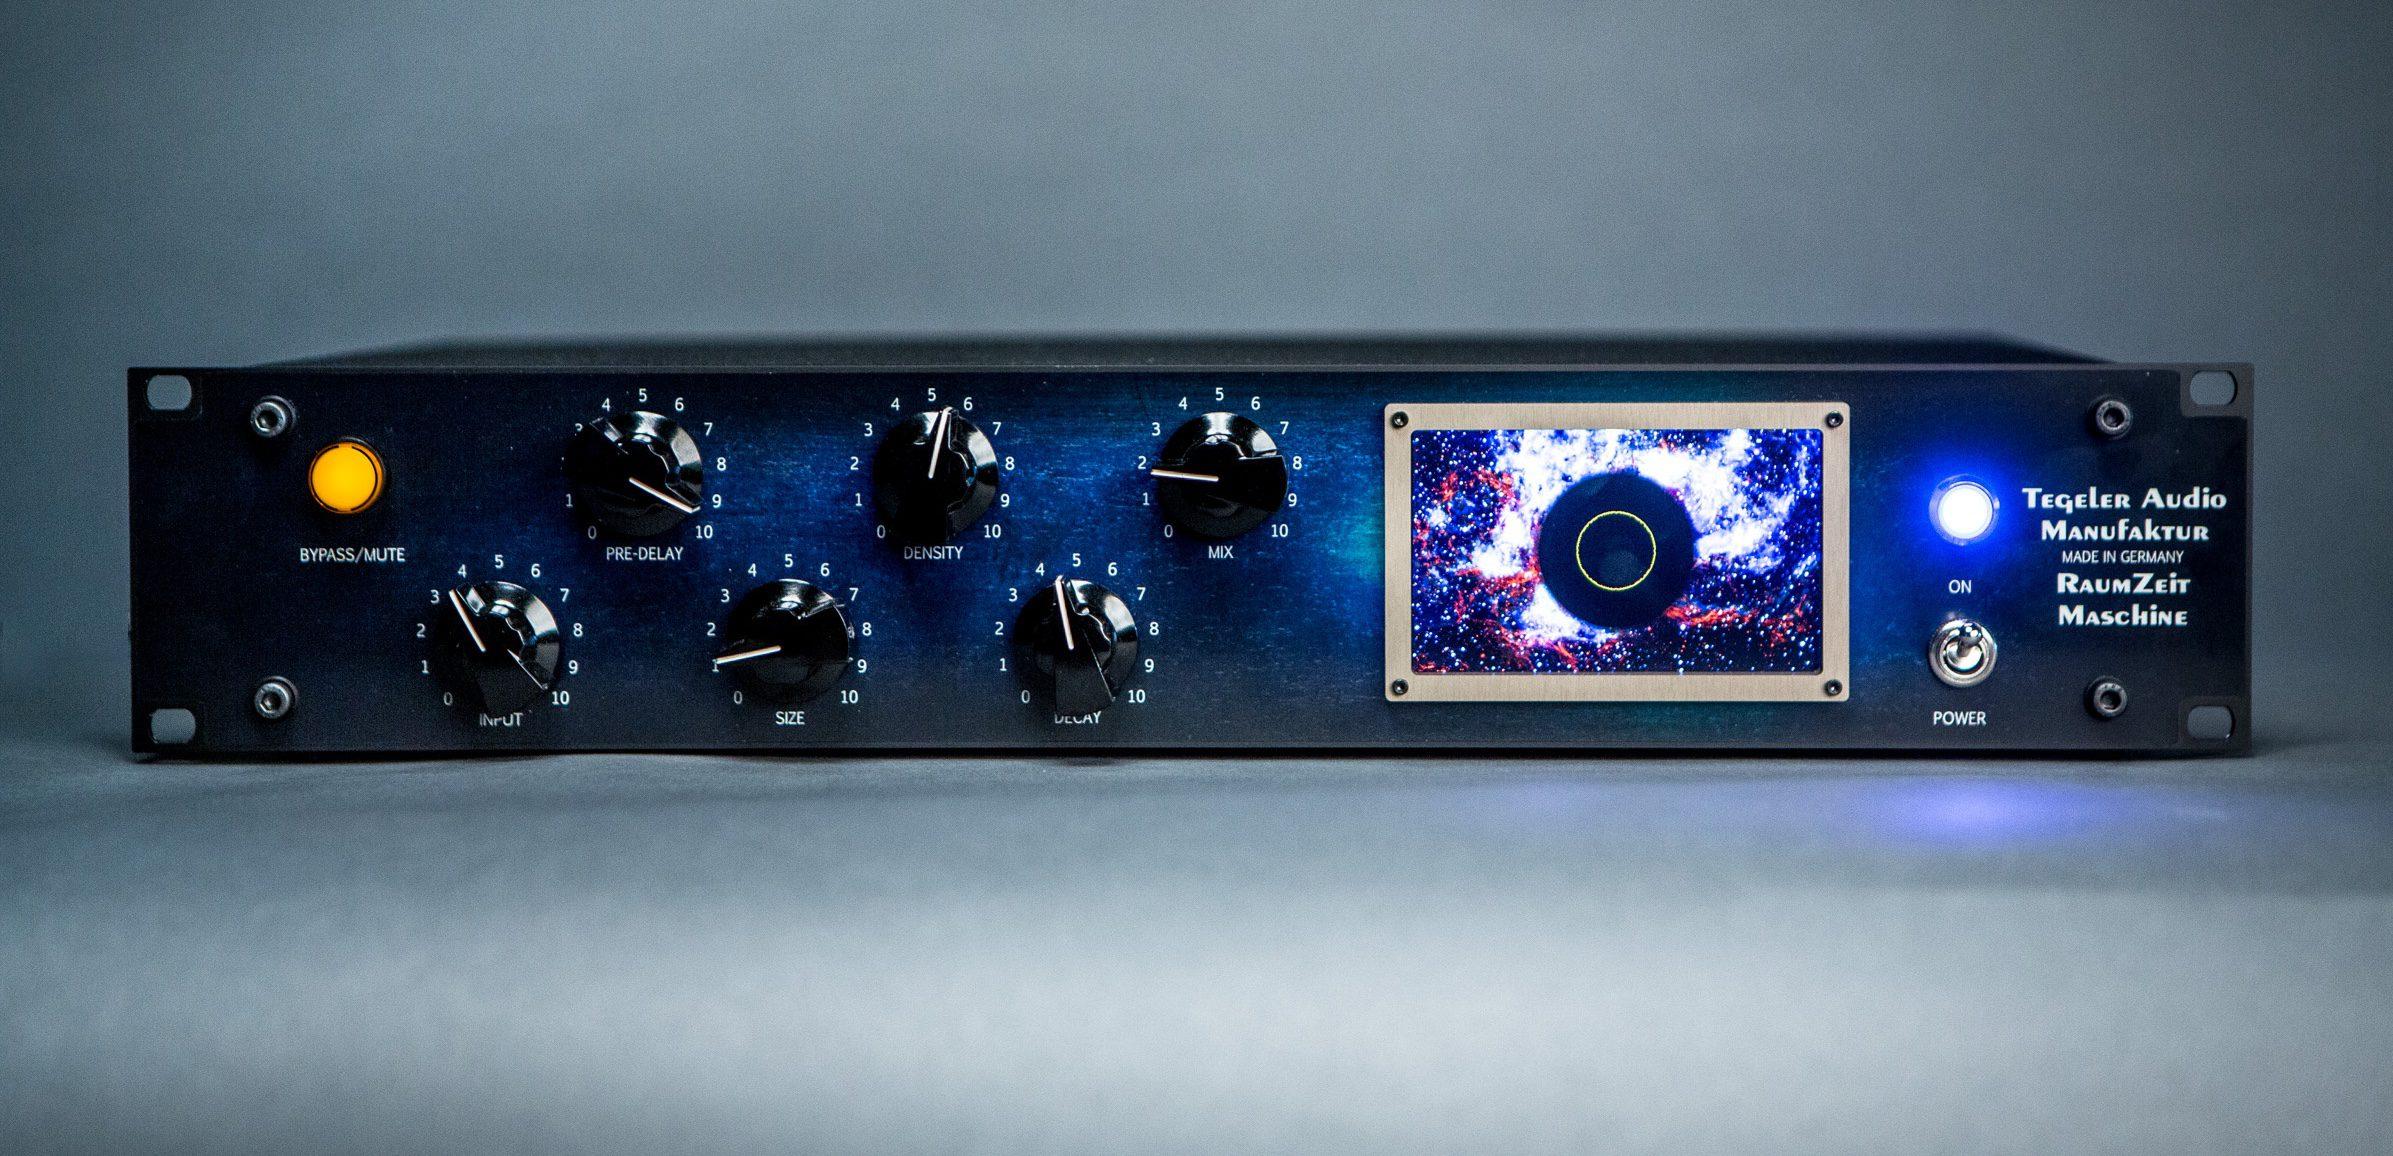 Test Tegeler Audio Manufaktur Raumzeitmaschine Rohren Hallgerat